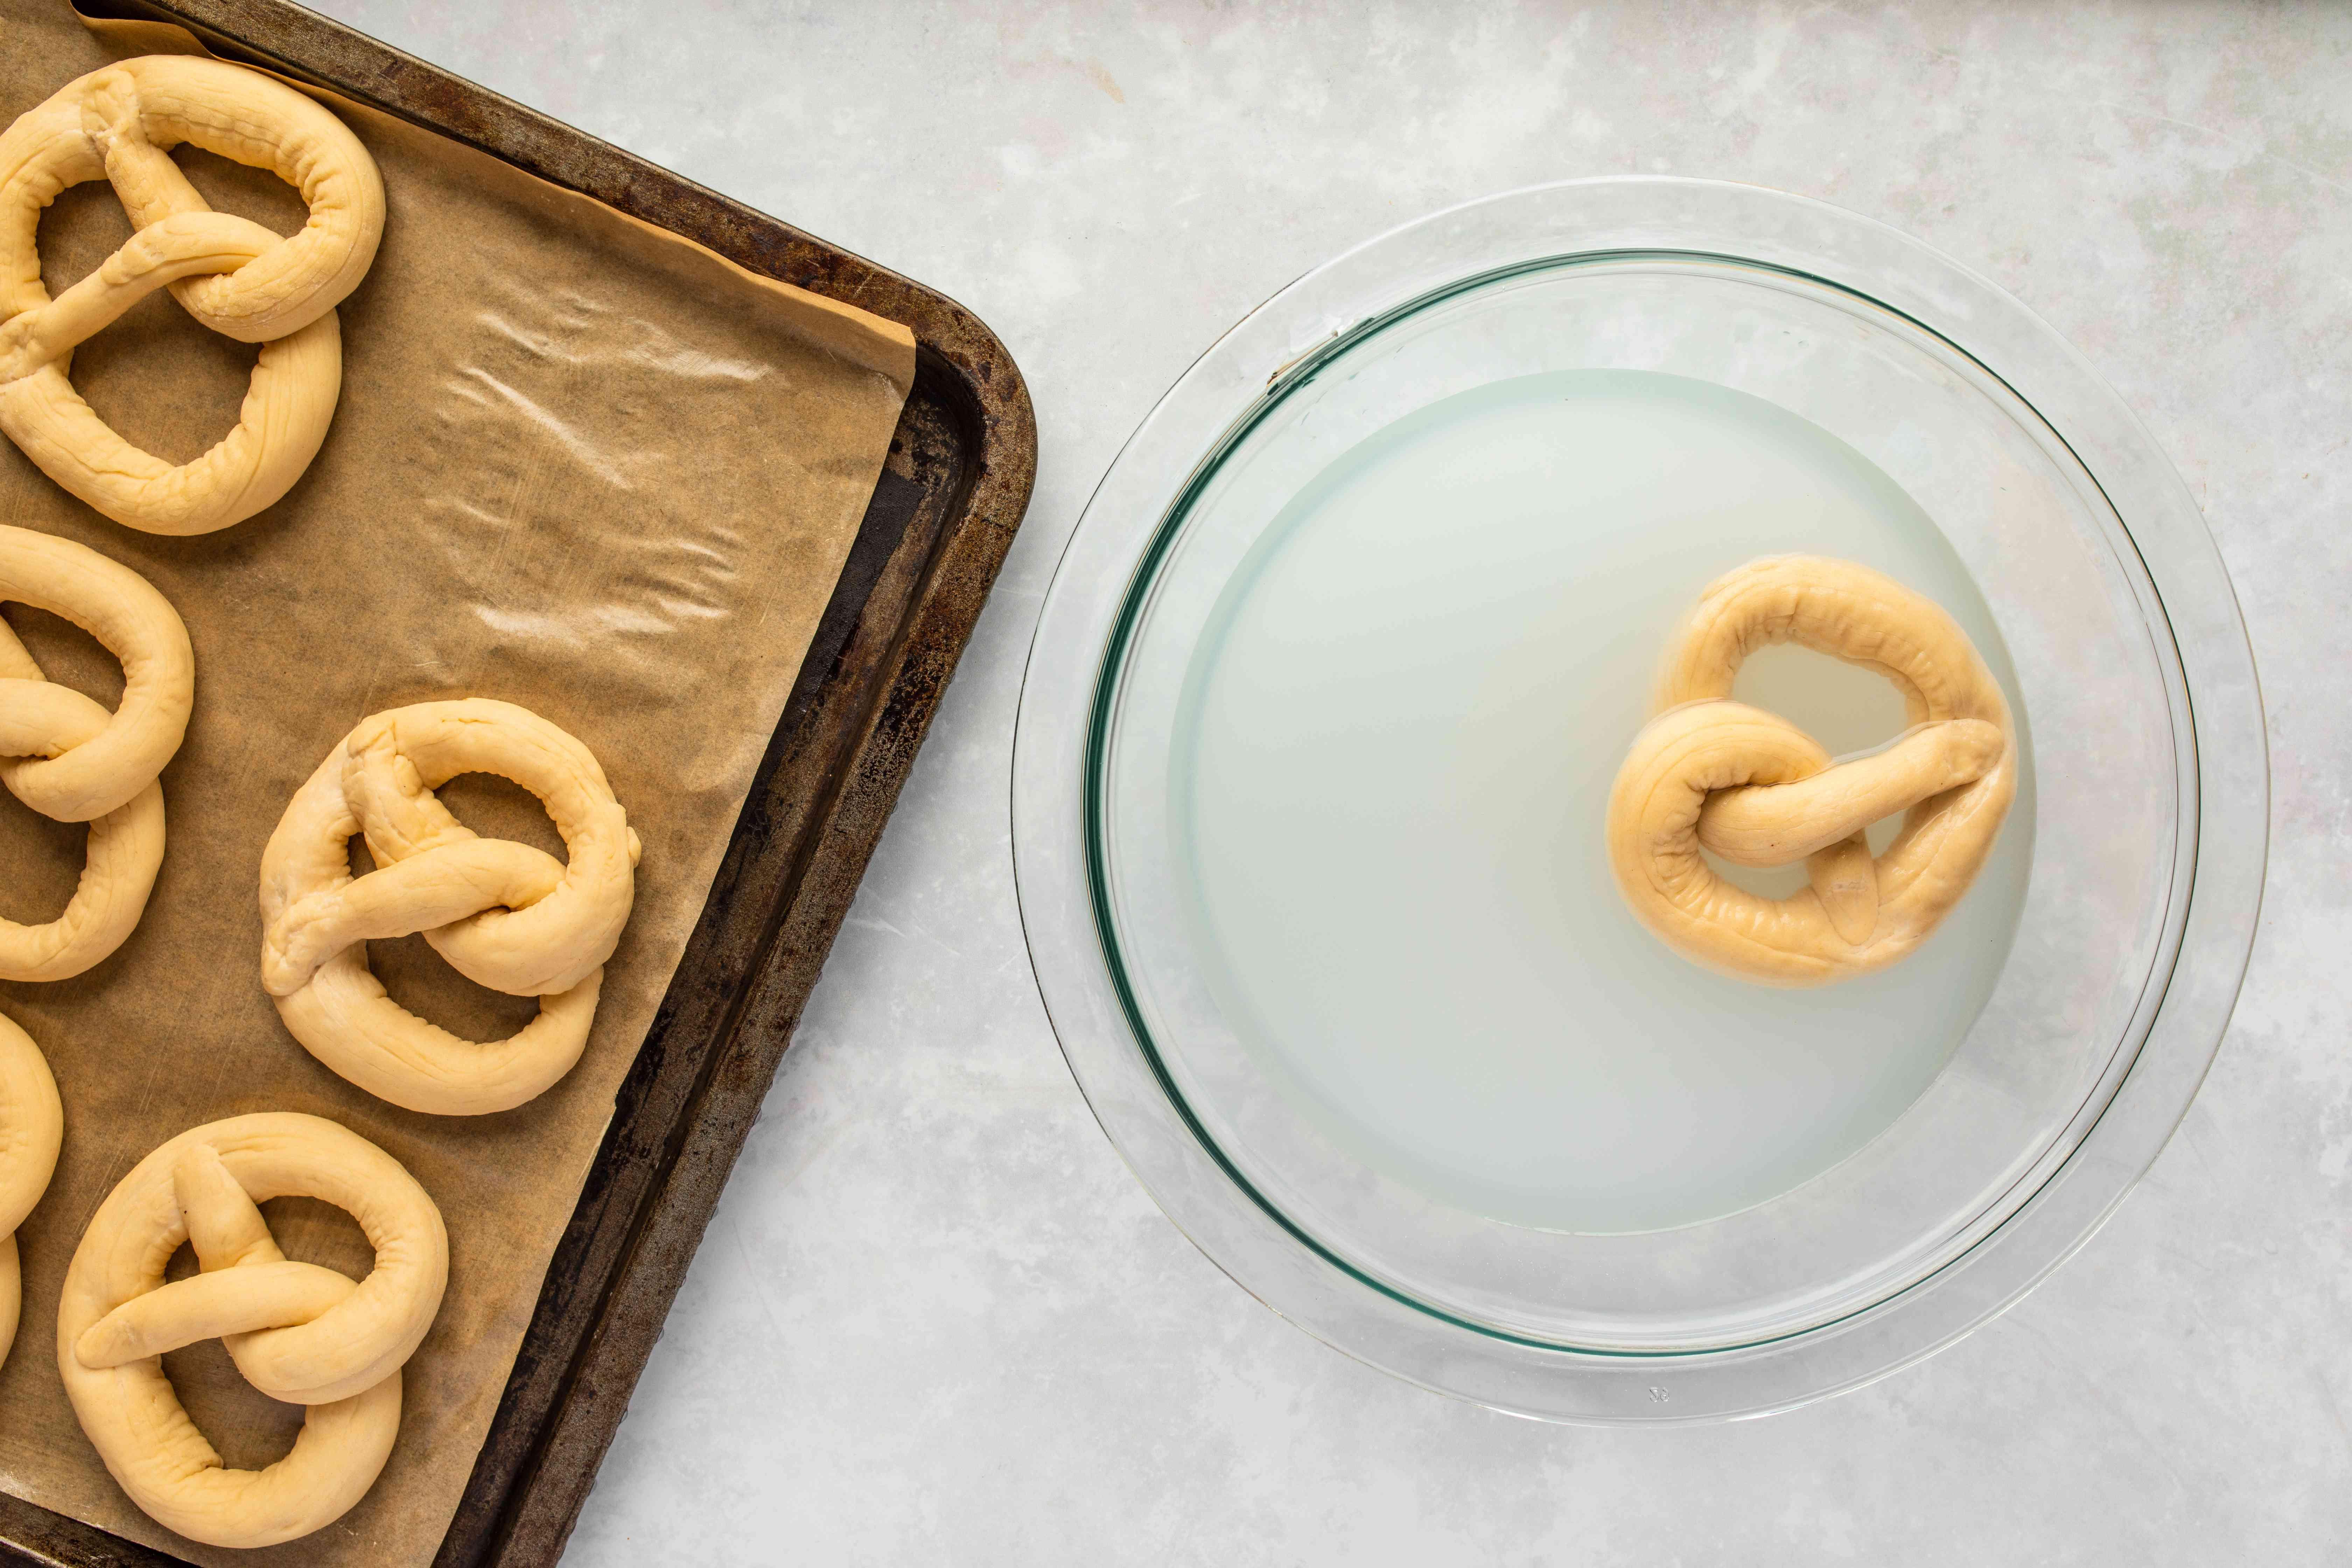 Dip each pretzel in lye